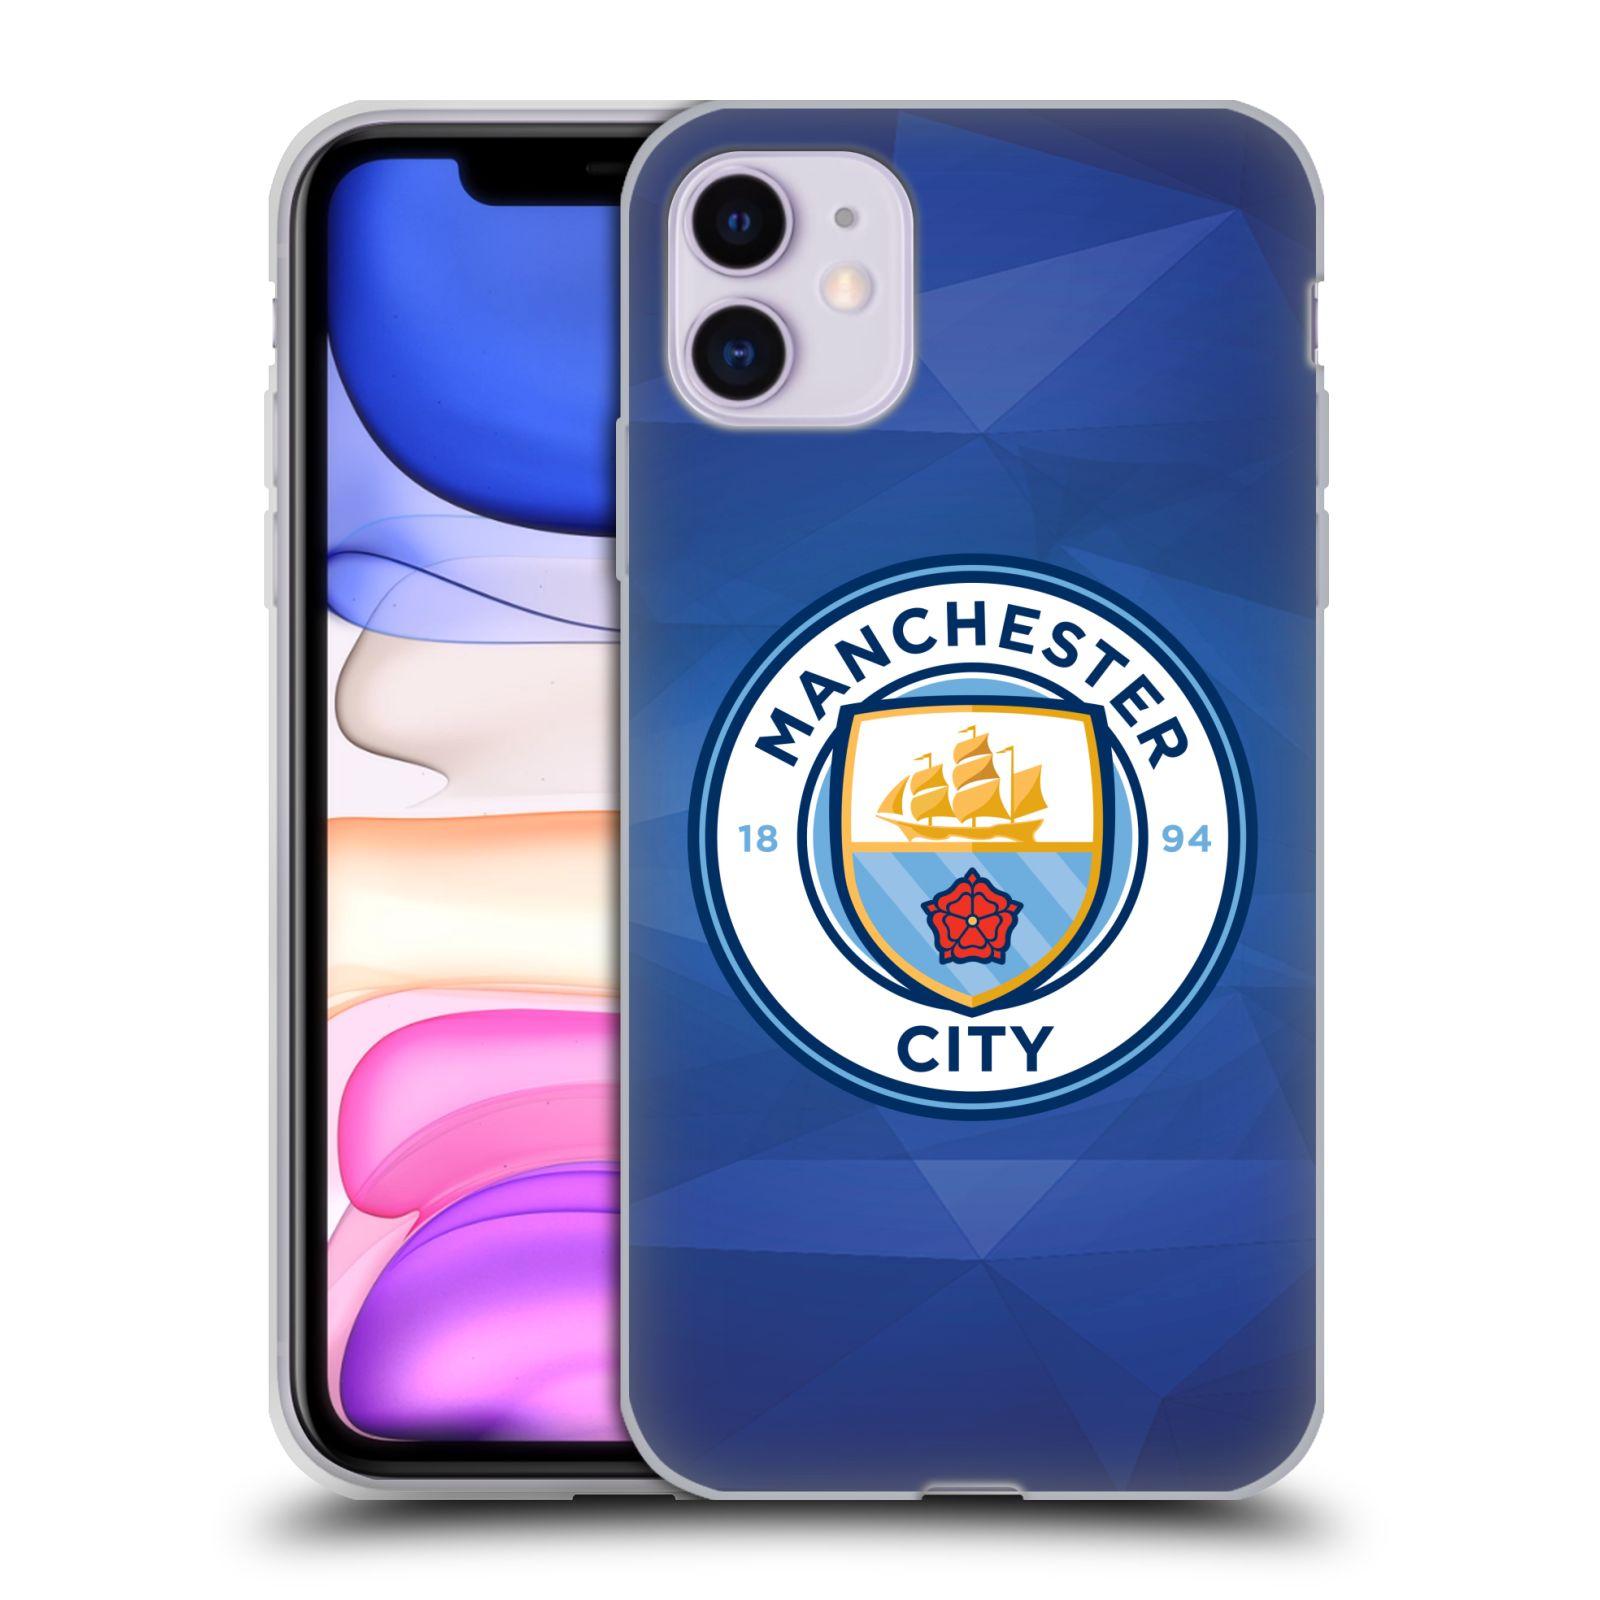 Silikonové pouzdro na mobil Apple iPhone 11 - Head Case - Manchester City FC - Modré nové logo